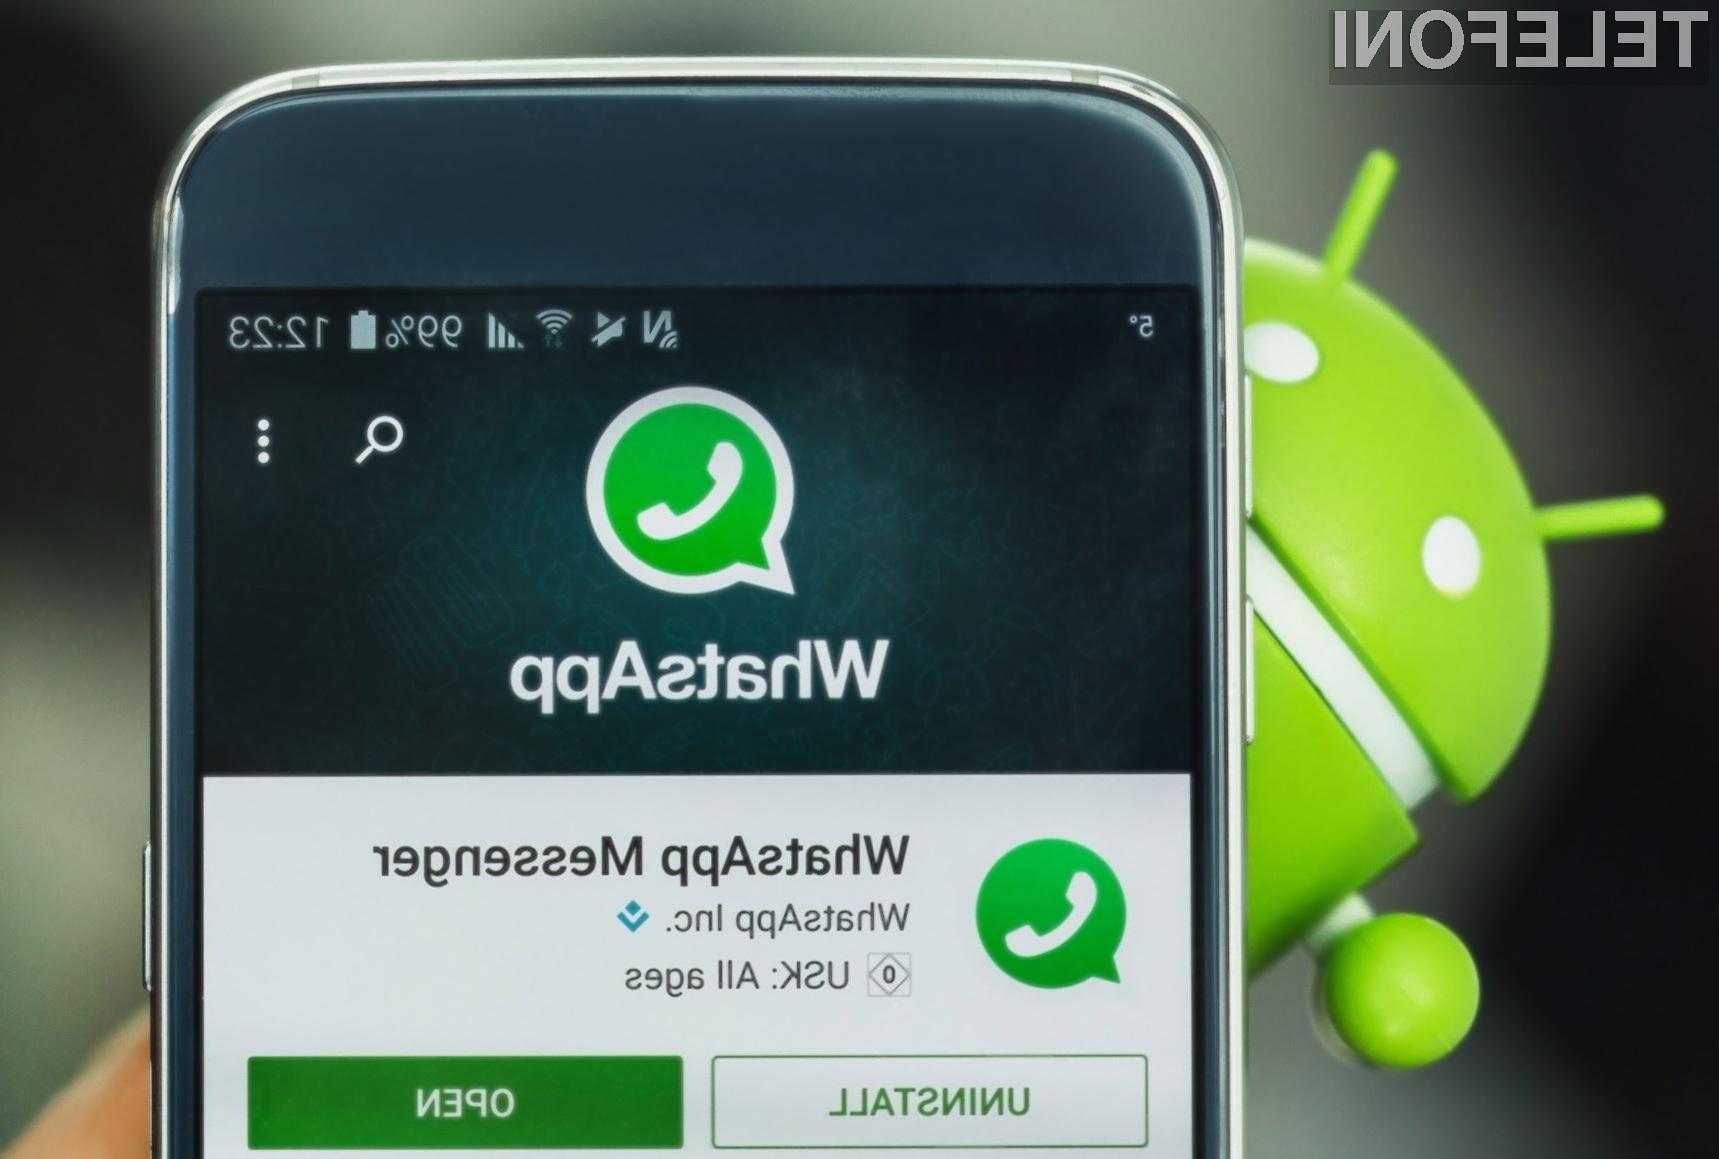 WhatsApp bo kmalu izbrisal vsa vaša sporočila